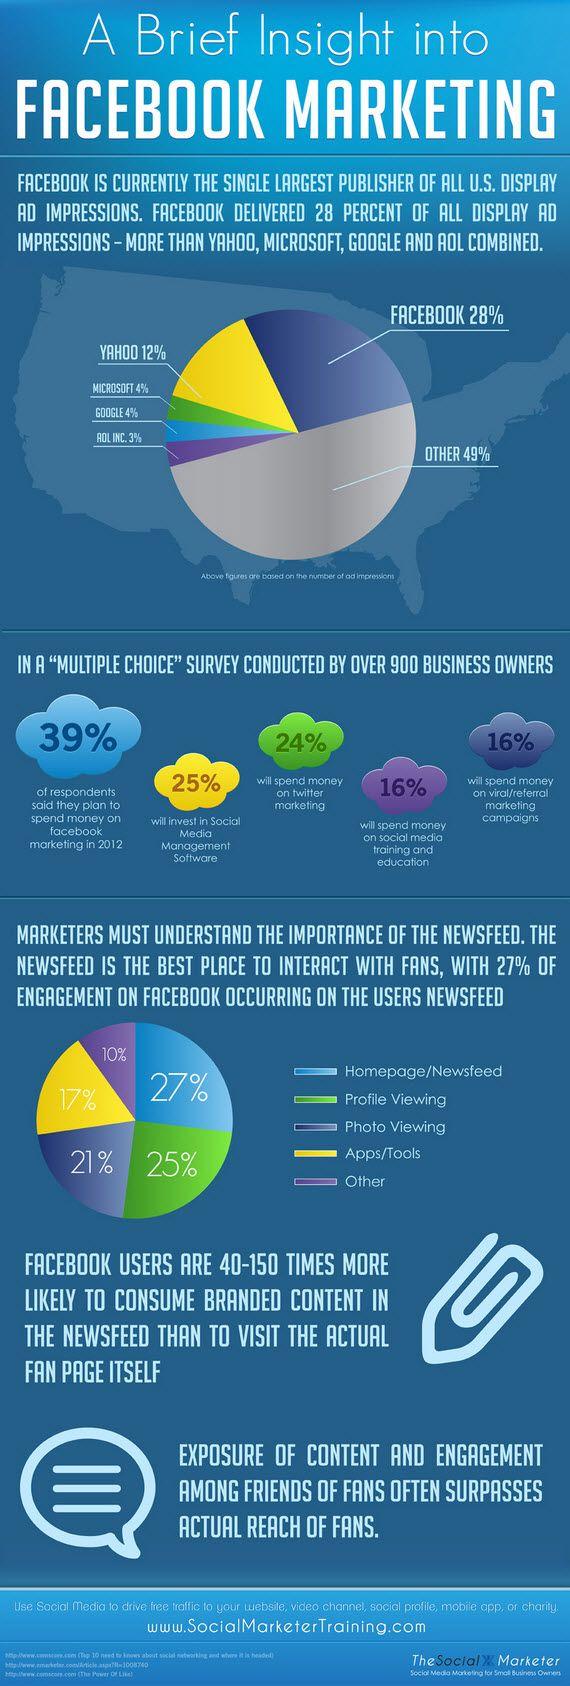 An Insight into Facebook Marketing | socialmarketertraining.com